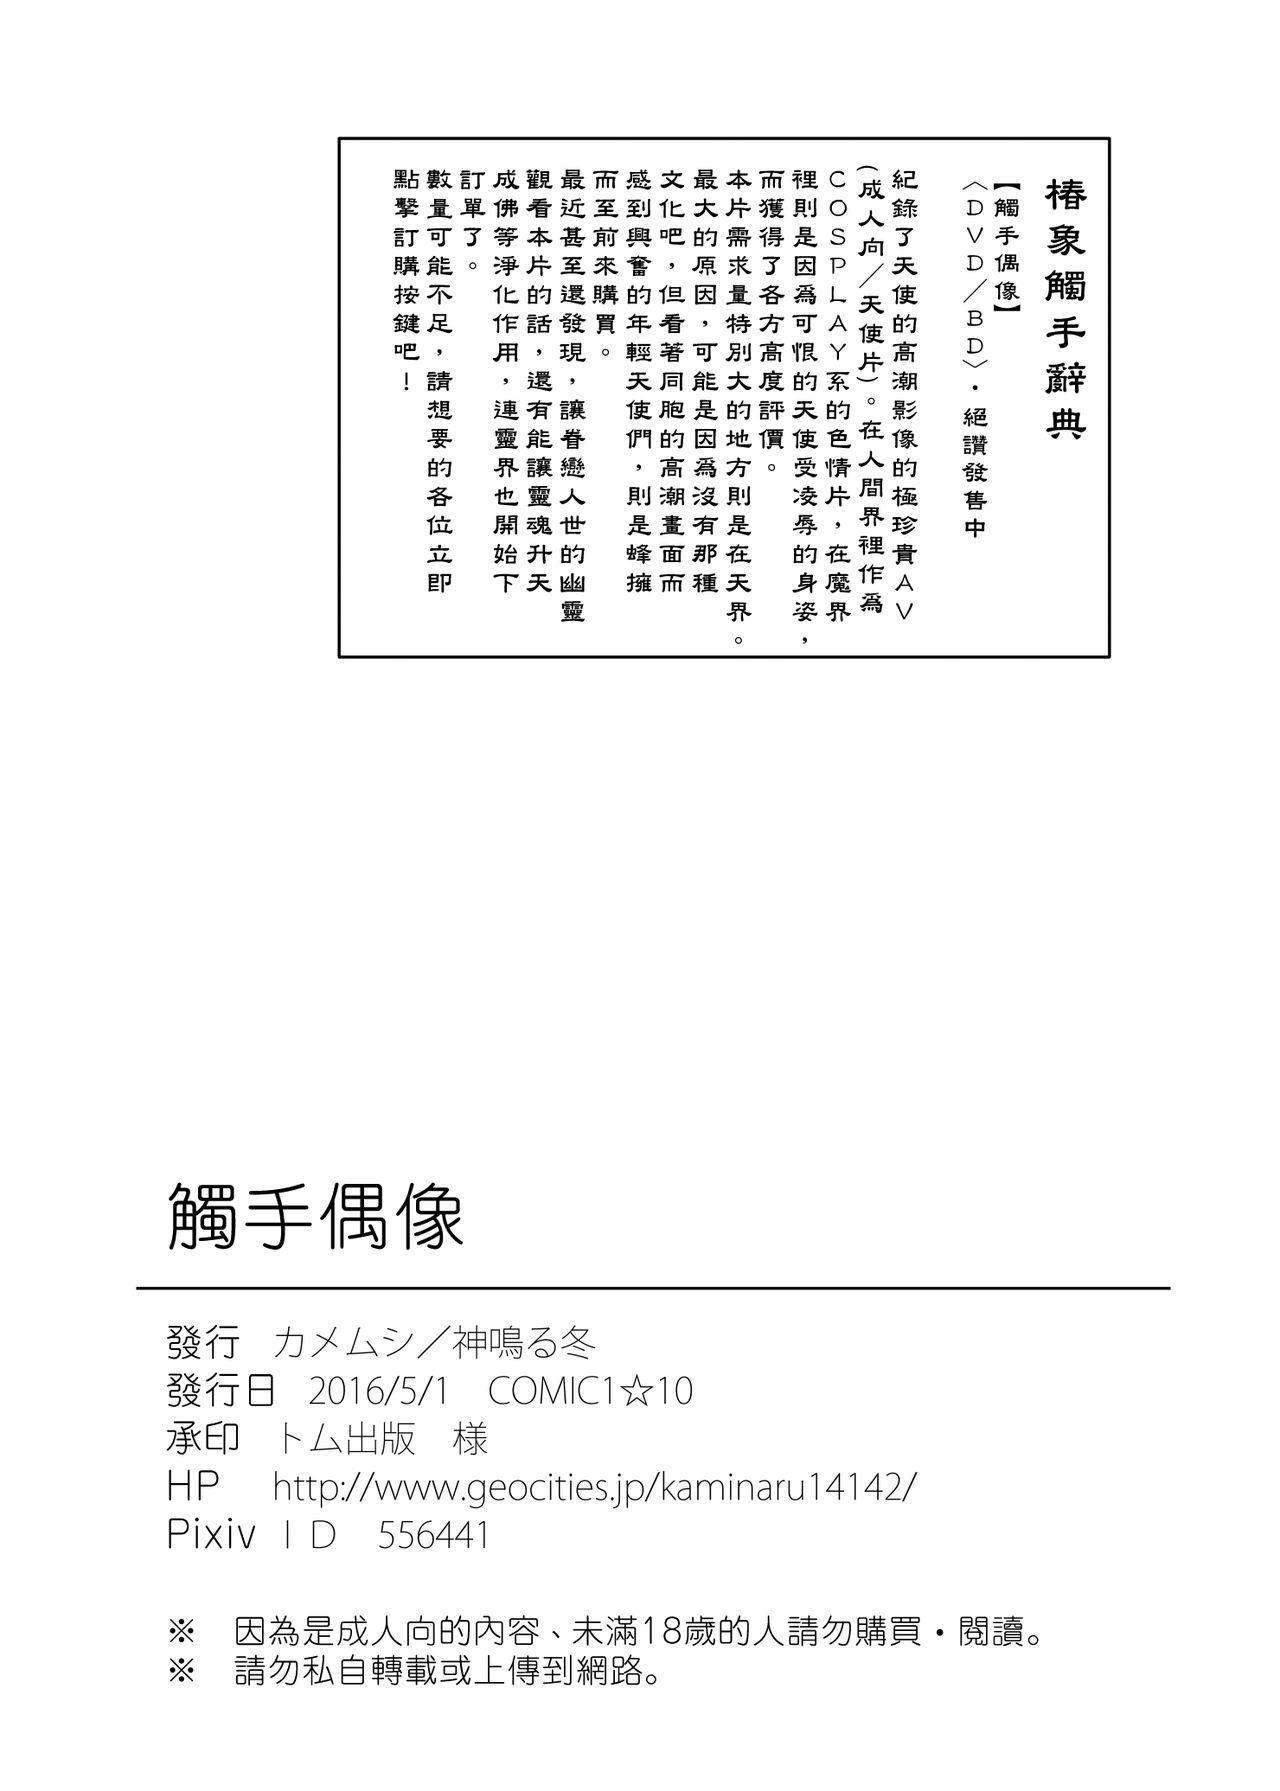 Syokusyu Guuzou - Syokusyu Idol | 觸手偶像 47